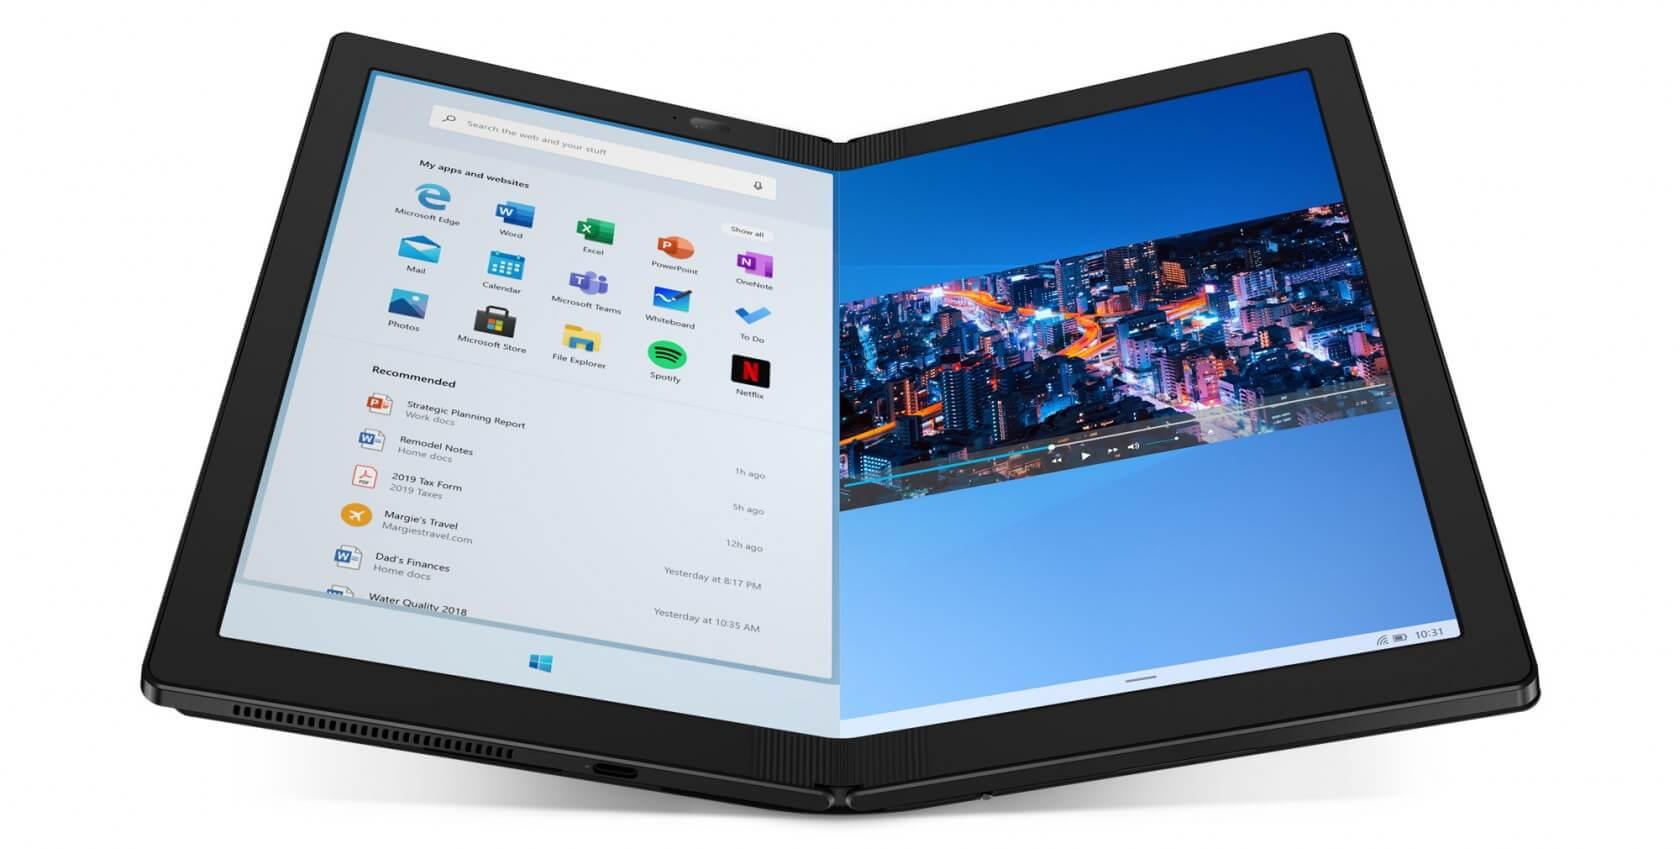 Lenovo ThinkPad X1 Pro